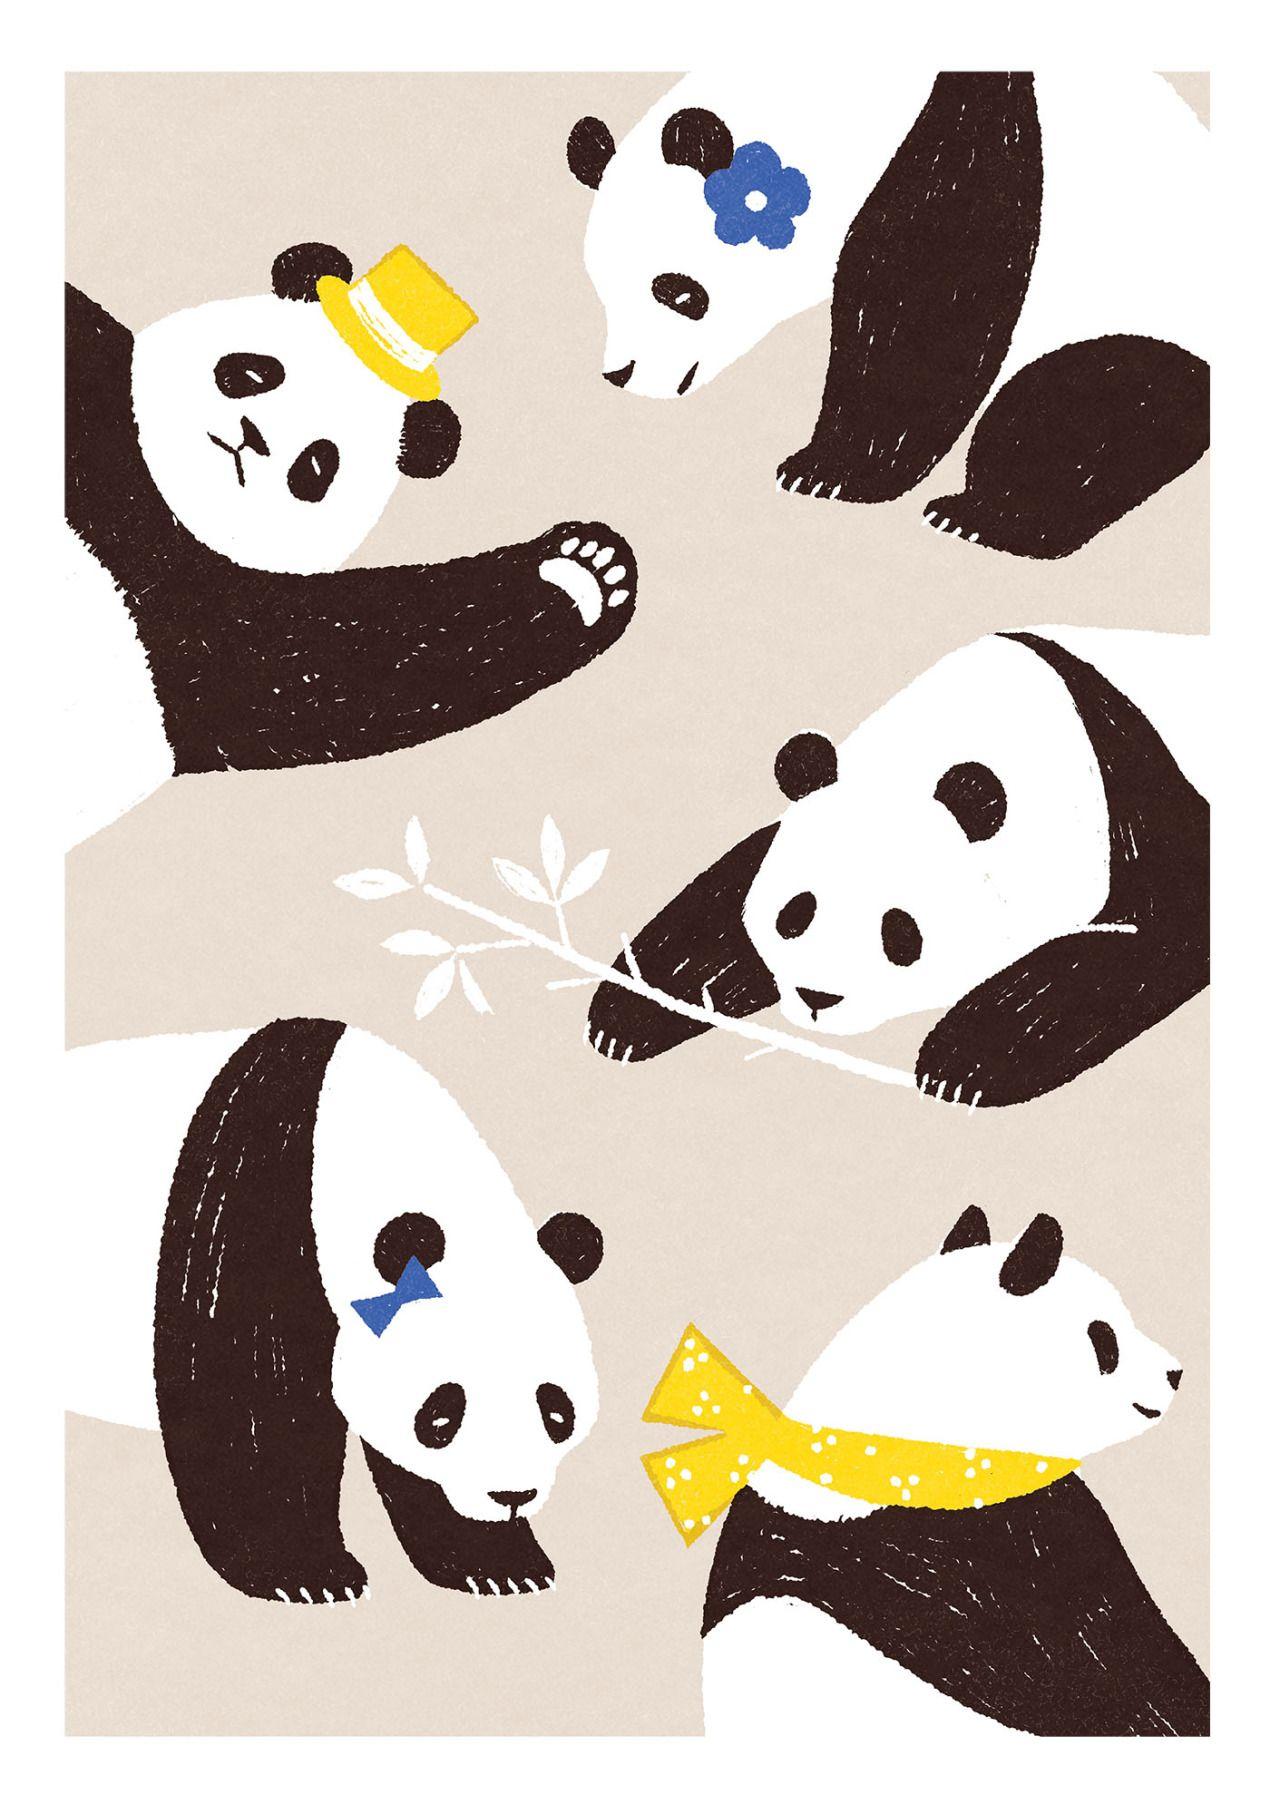 パンダ」おしゃれまとめの人気アイデア|pinterest |to ん | pinterest